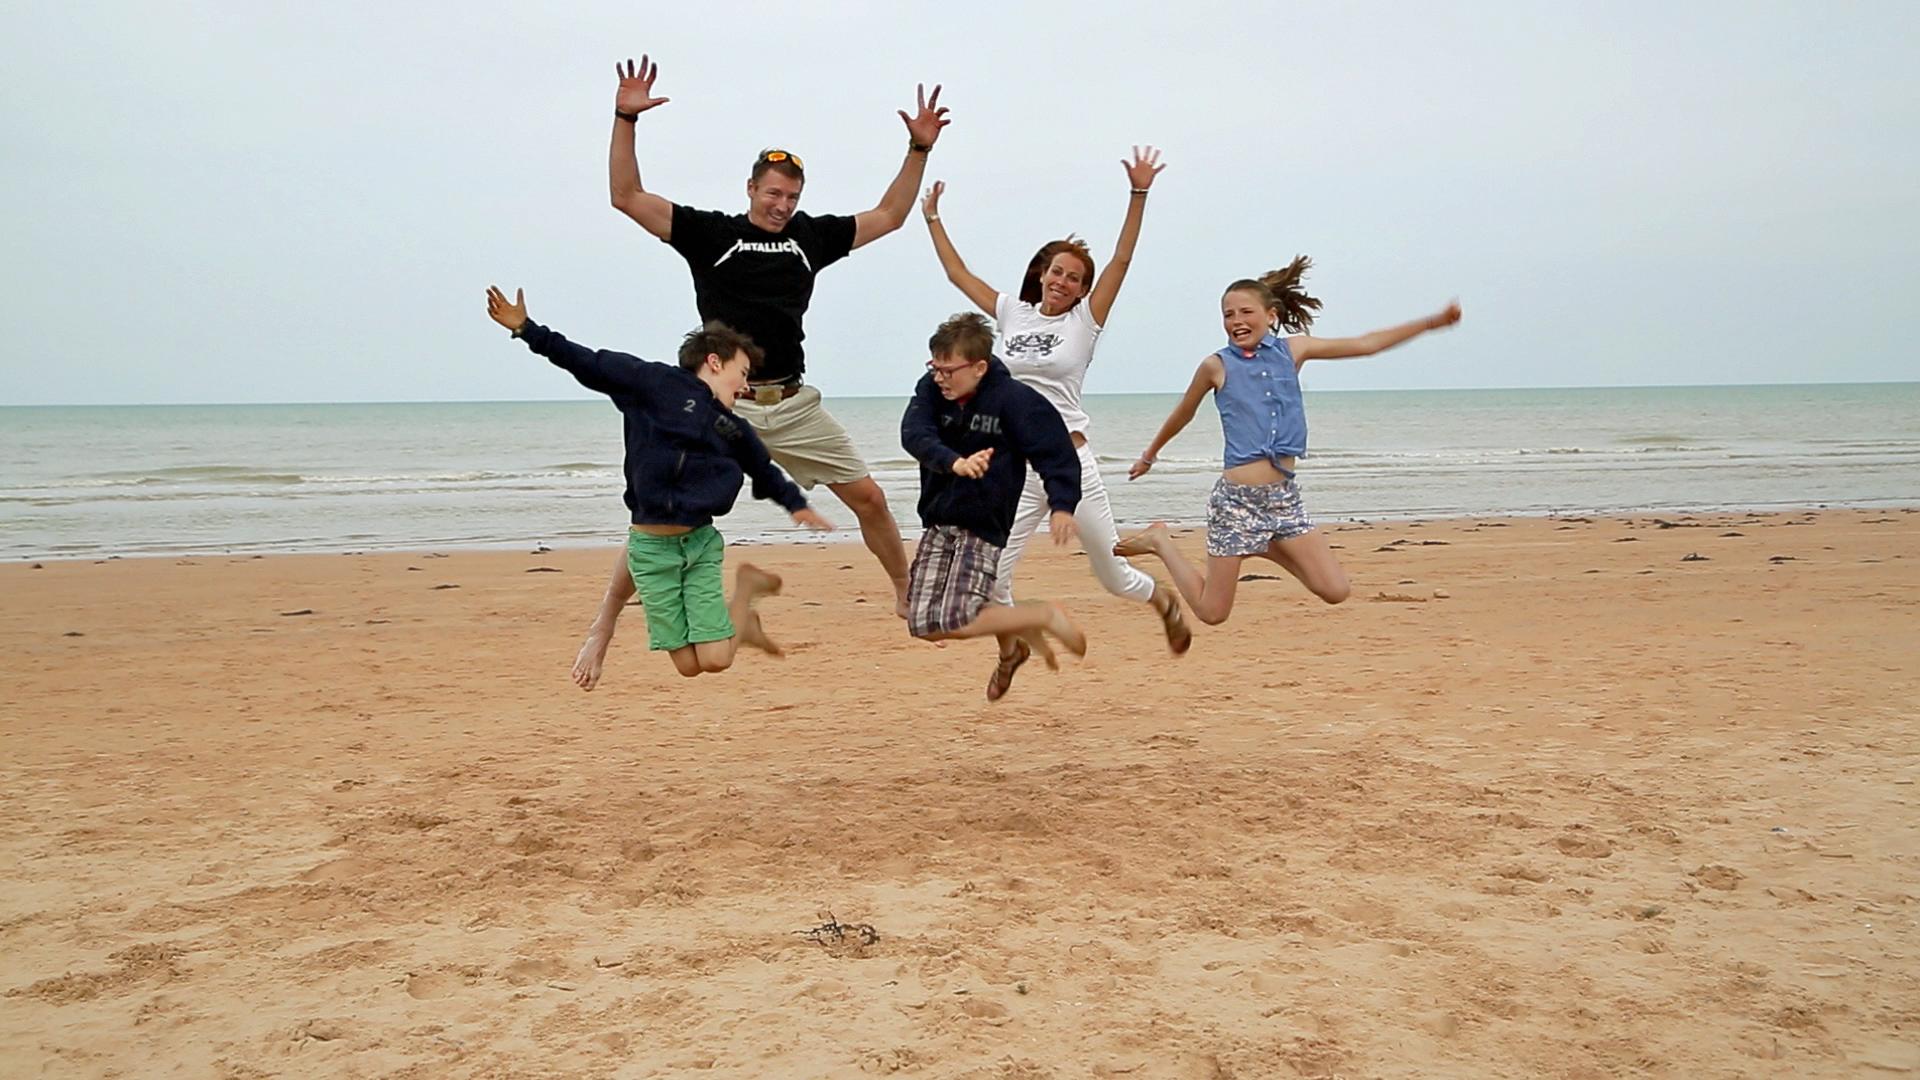 Family_Jump_Omaha_Beach_2015_copy.png